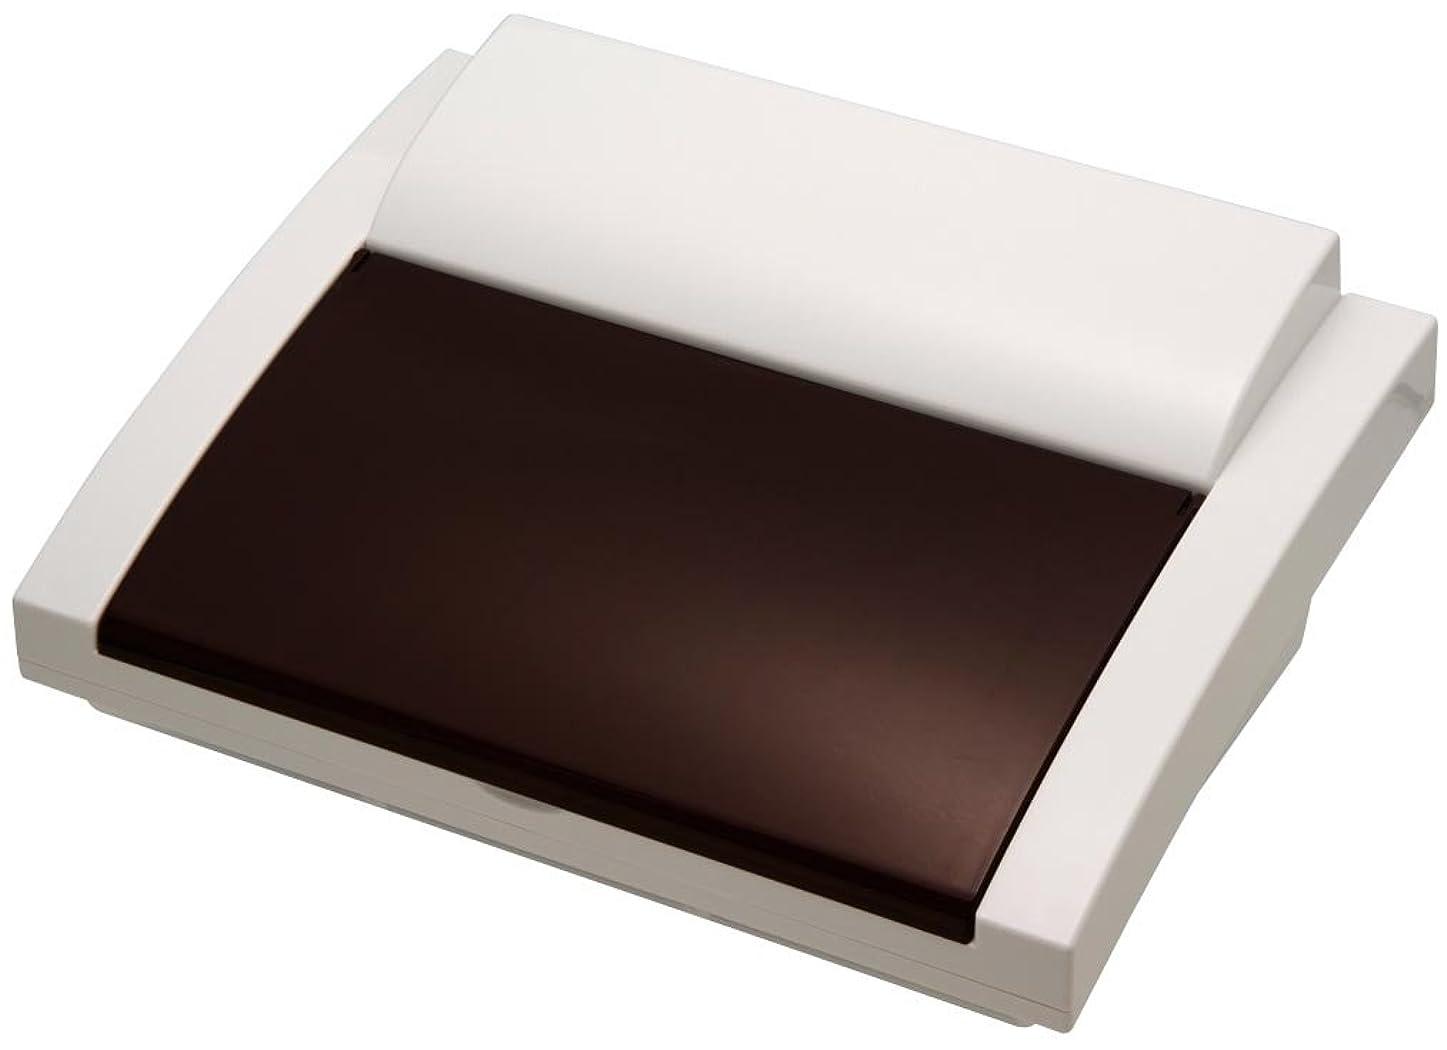 中庭アテンダント責めるステアライザー(ステリライザー)STERILIZER COMPACT 209C / 紫外線 UV 消毒器 殺菌器